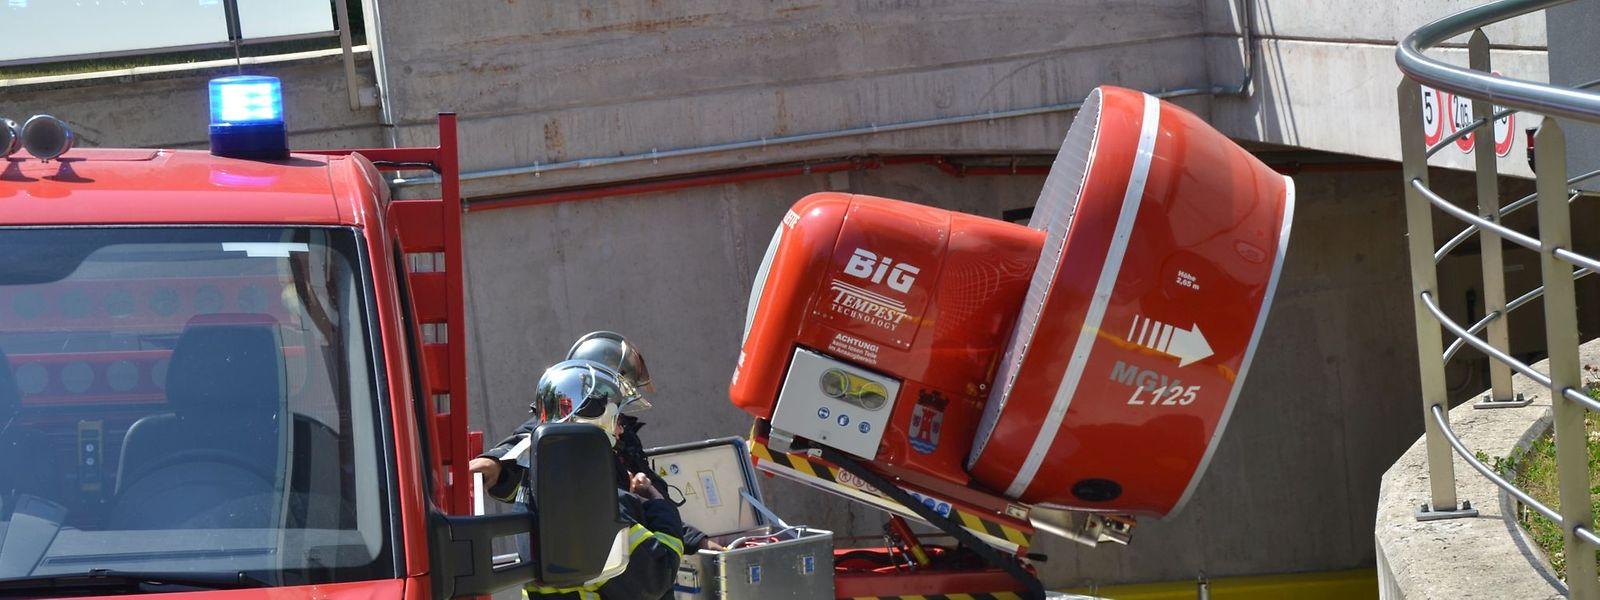 Intervention à Esch-sur-Alzette (buanderie en feu)